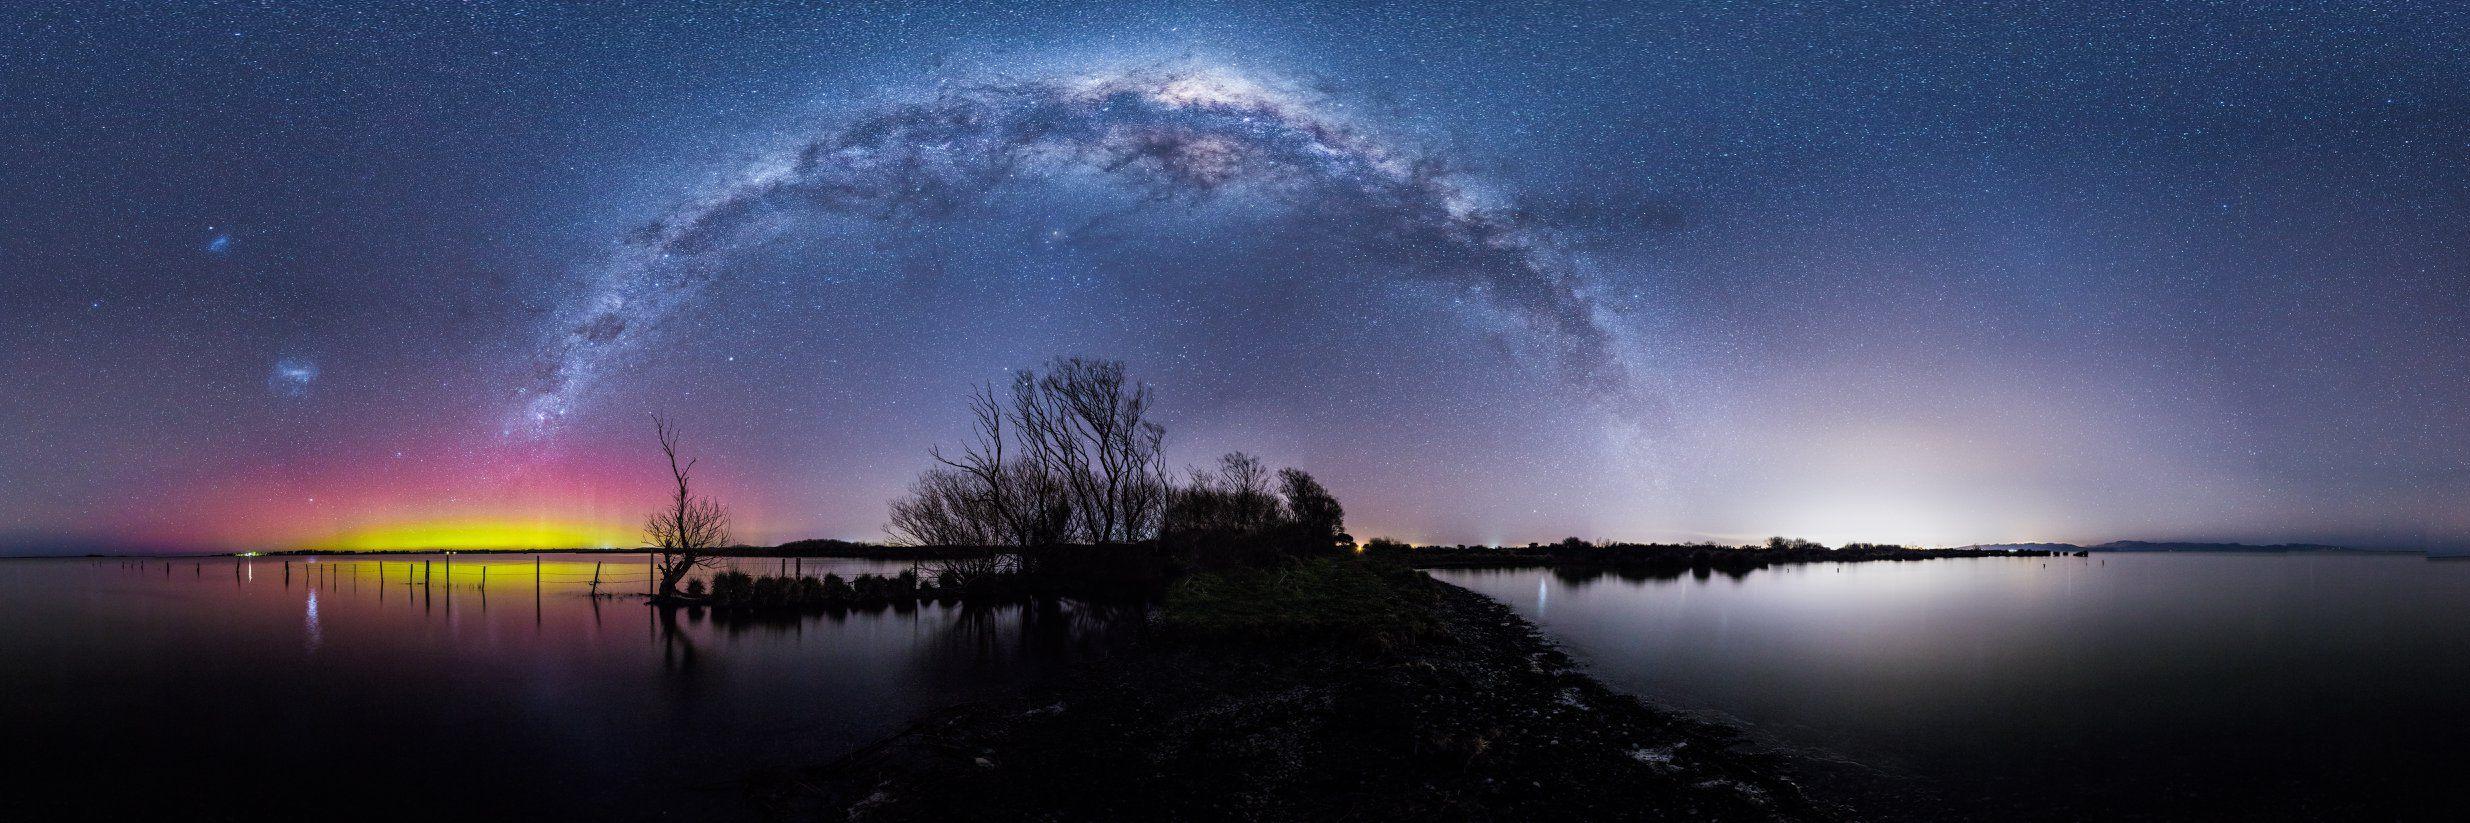 世界上最美丽的风景夜空